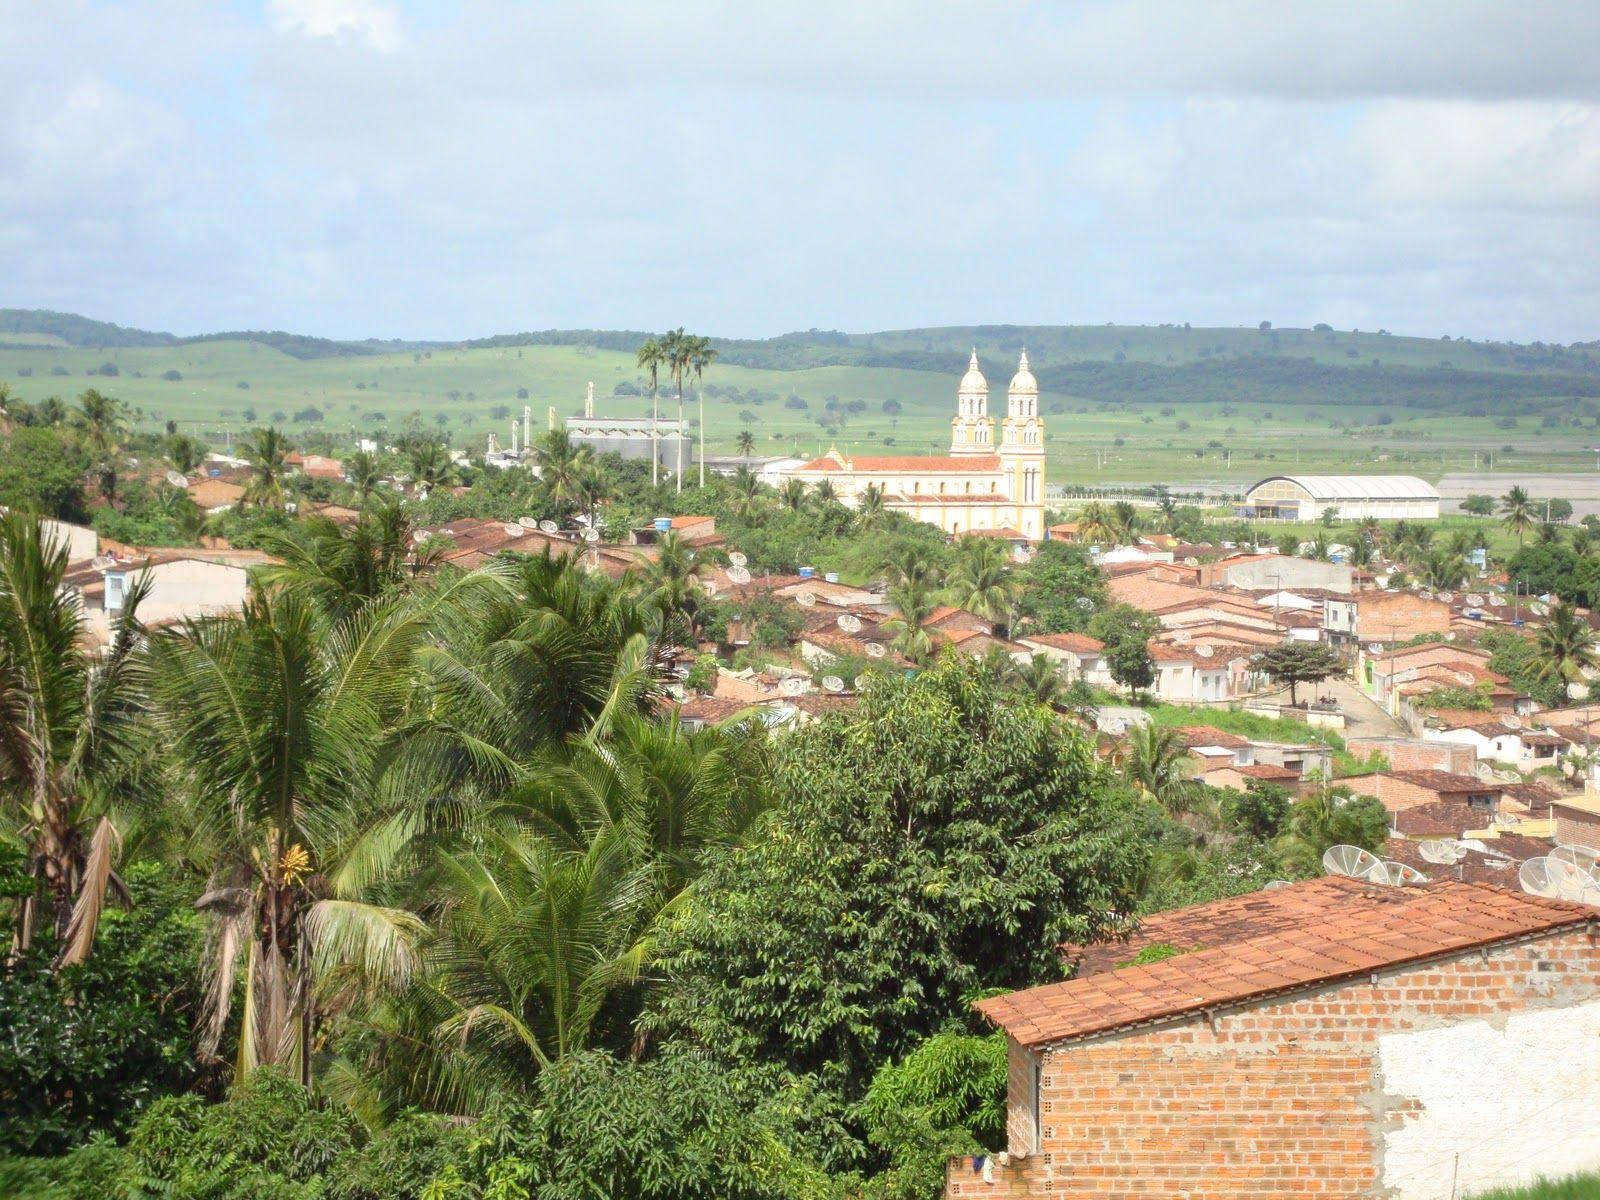 Igreja Nova E Um Municipio Do Leste Alagoano Divisa Com Sergipe